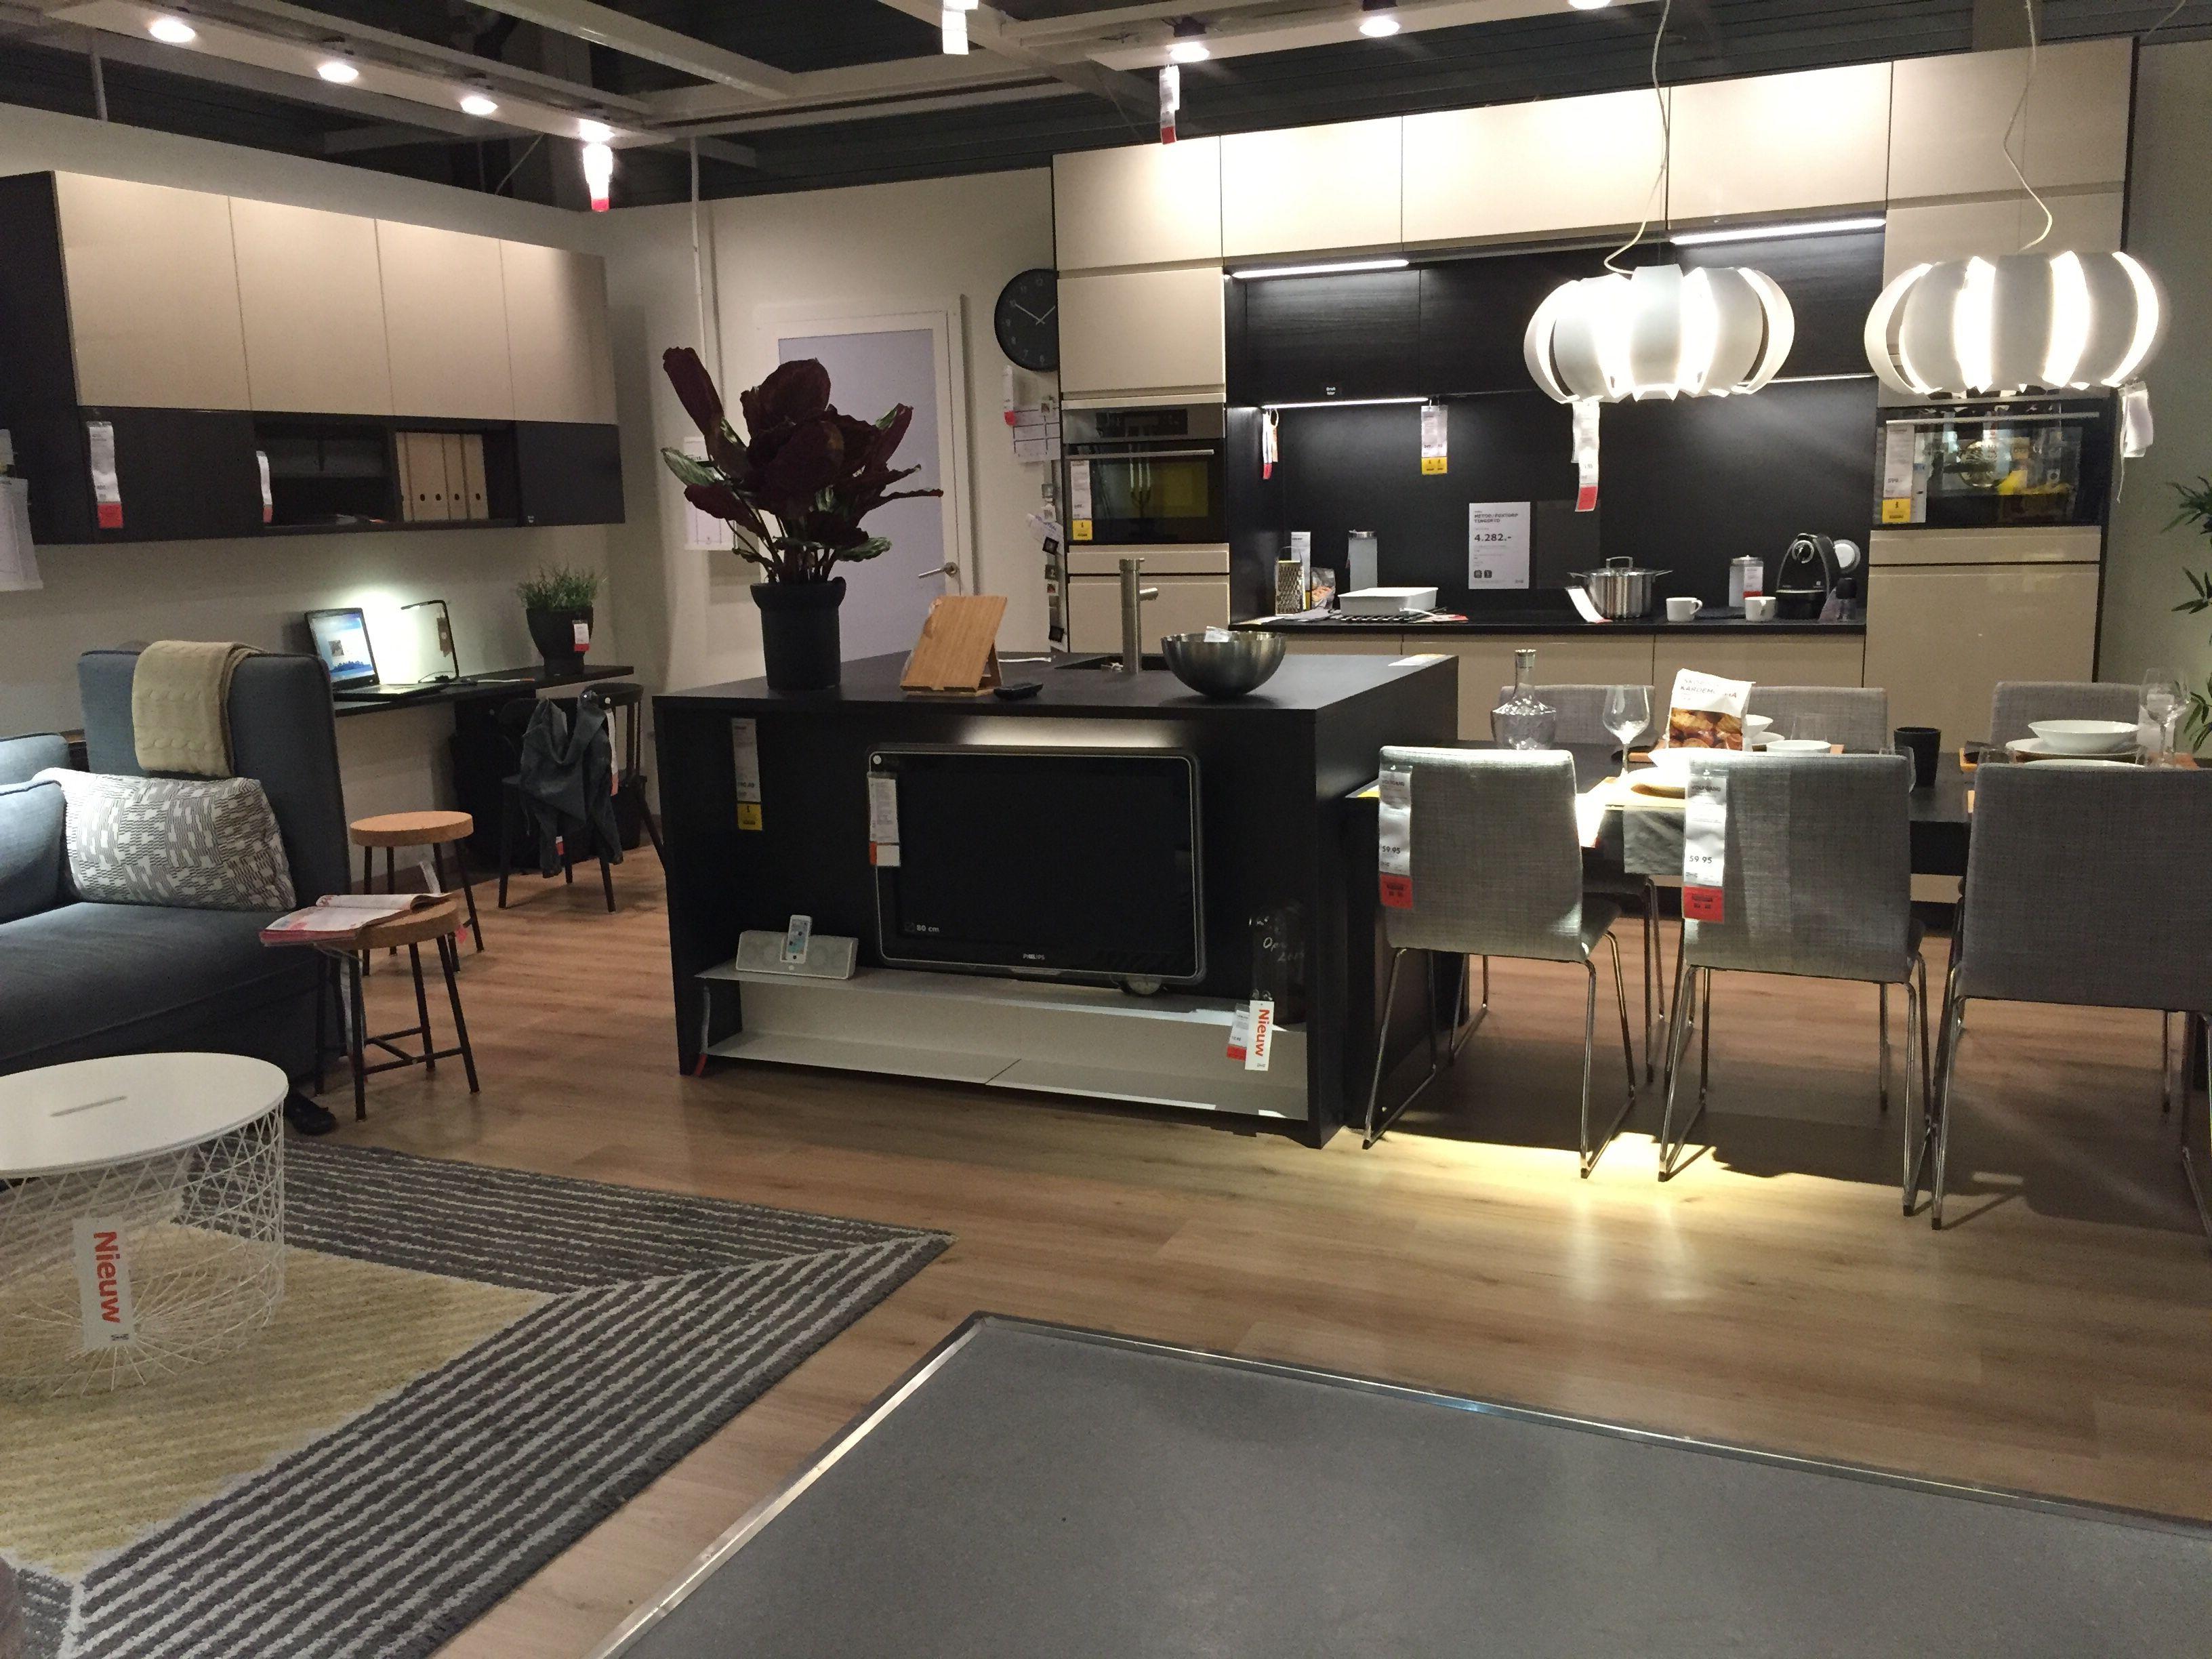 Wunderbar Hauptküche Ideen Galerie - Ideen Für Die Küche Dekoration ...